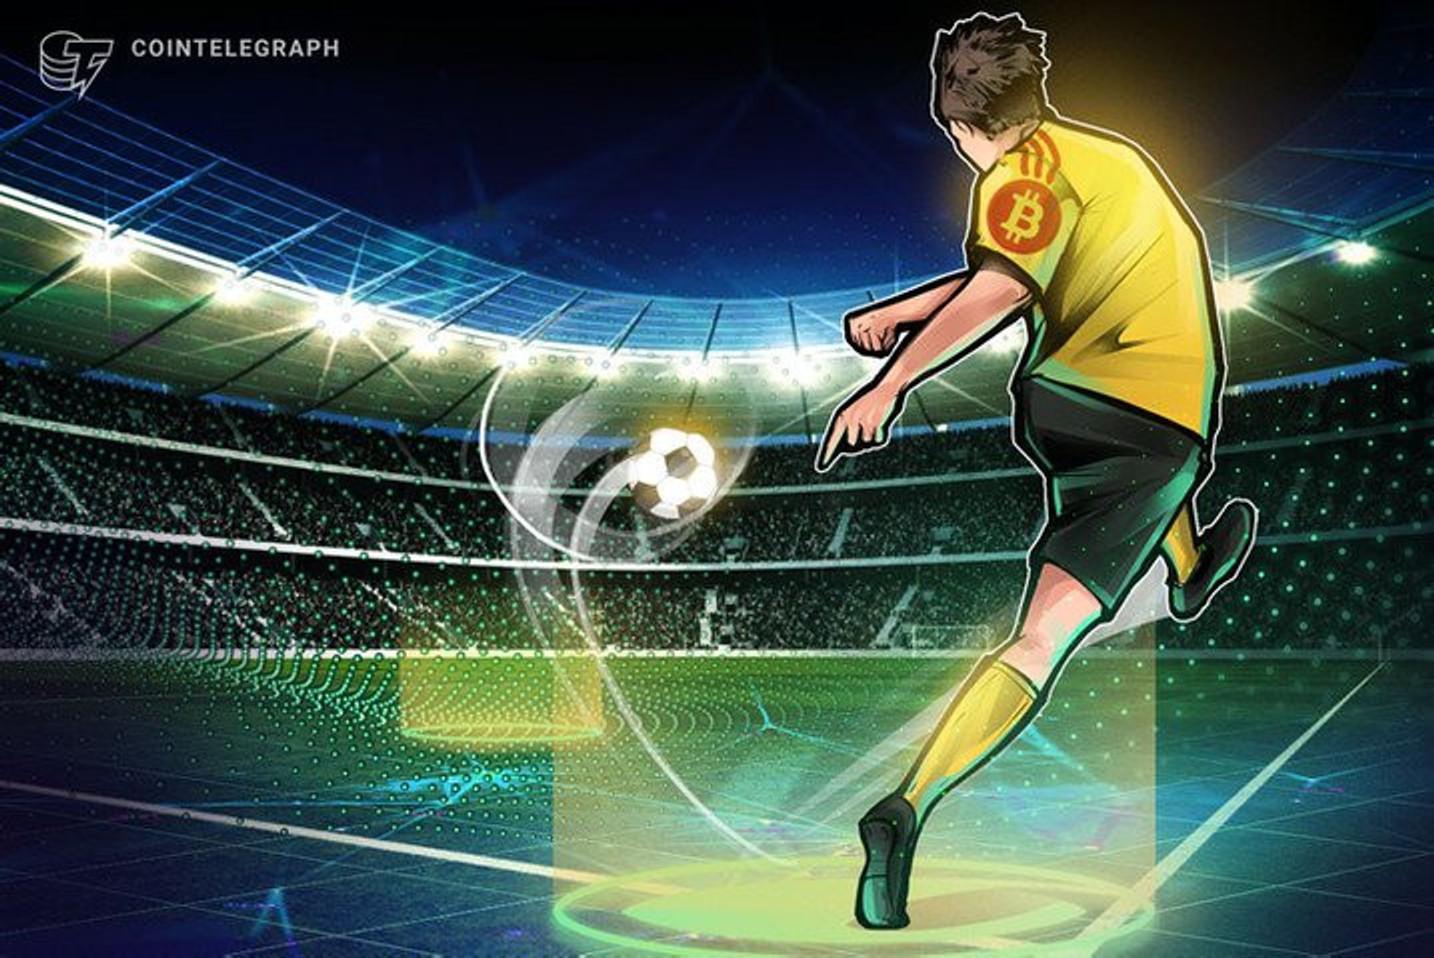 Exclusivo: Dois grandes times de futebol serão tokenizados pela Liqi, startup do fundador da BitcoinTrade